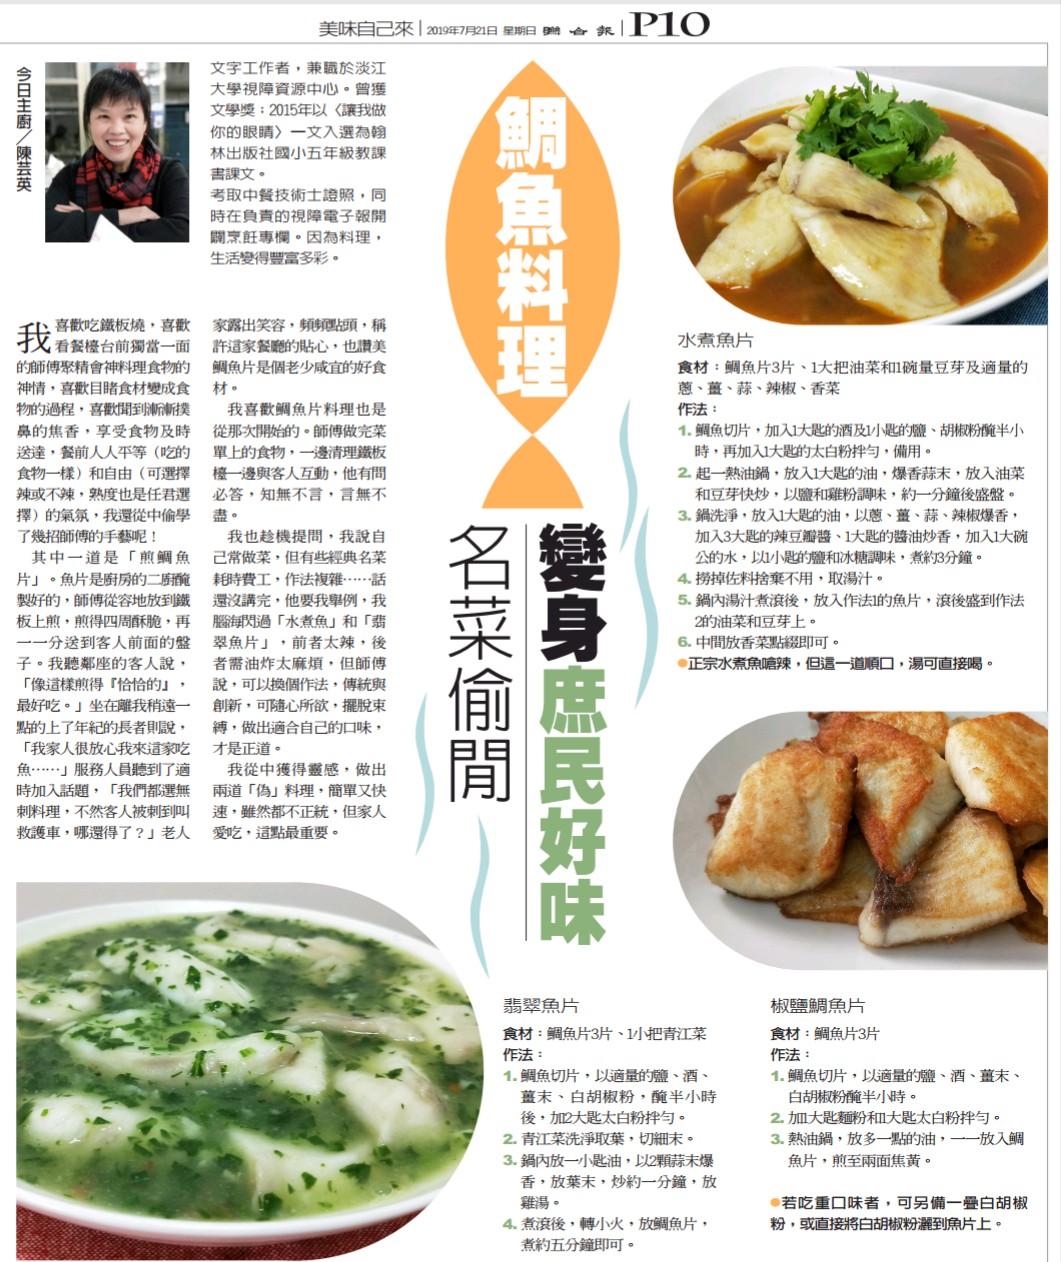 01聯合報週日推出的「元氣週報」,介紹了三道我做的「鯛魚」料理。